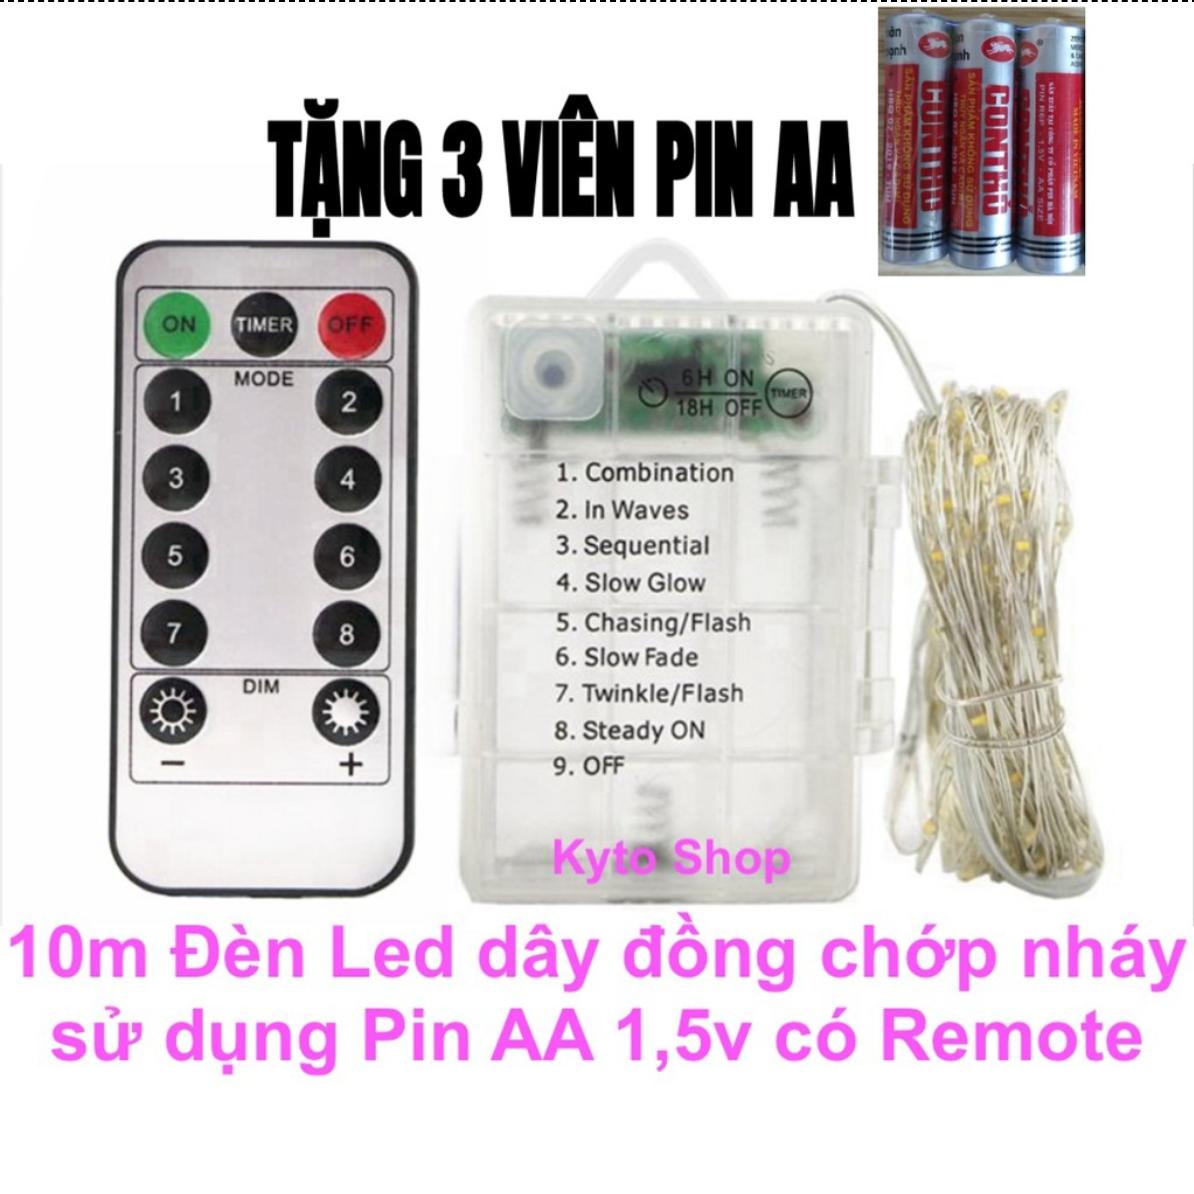 10m Dây đèn led trang trí chớp nháy có remote điều khiển sử dụng 3 pin aa 1.5v, đèn led dây đồng, Dây đèn trang trí phòng khách, phòng ngủ, tiệc giáng sinh, trong nhà, ngoài vườn, sinh nhật, năm mới | Kyto Shop